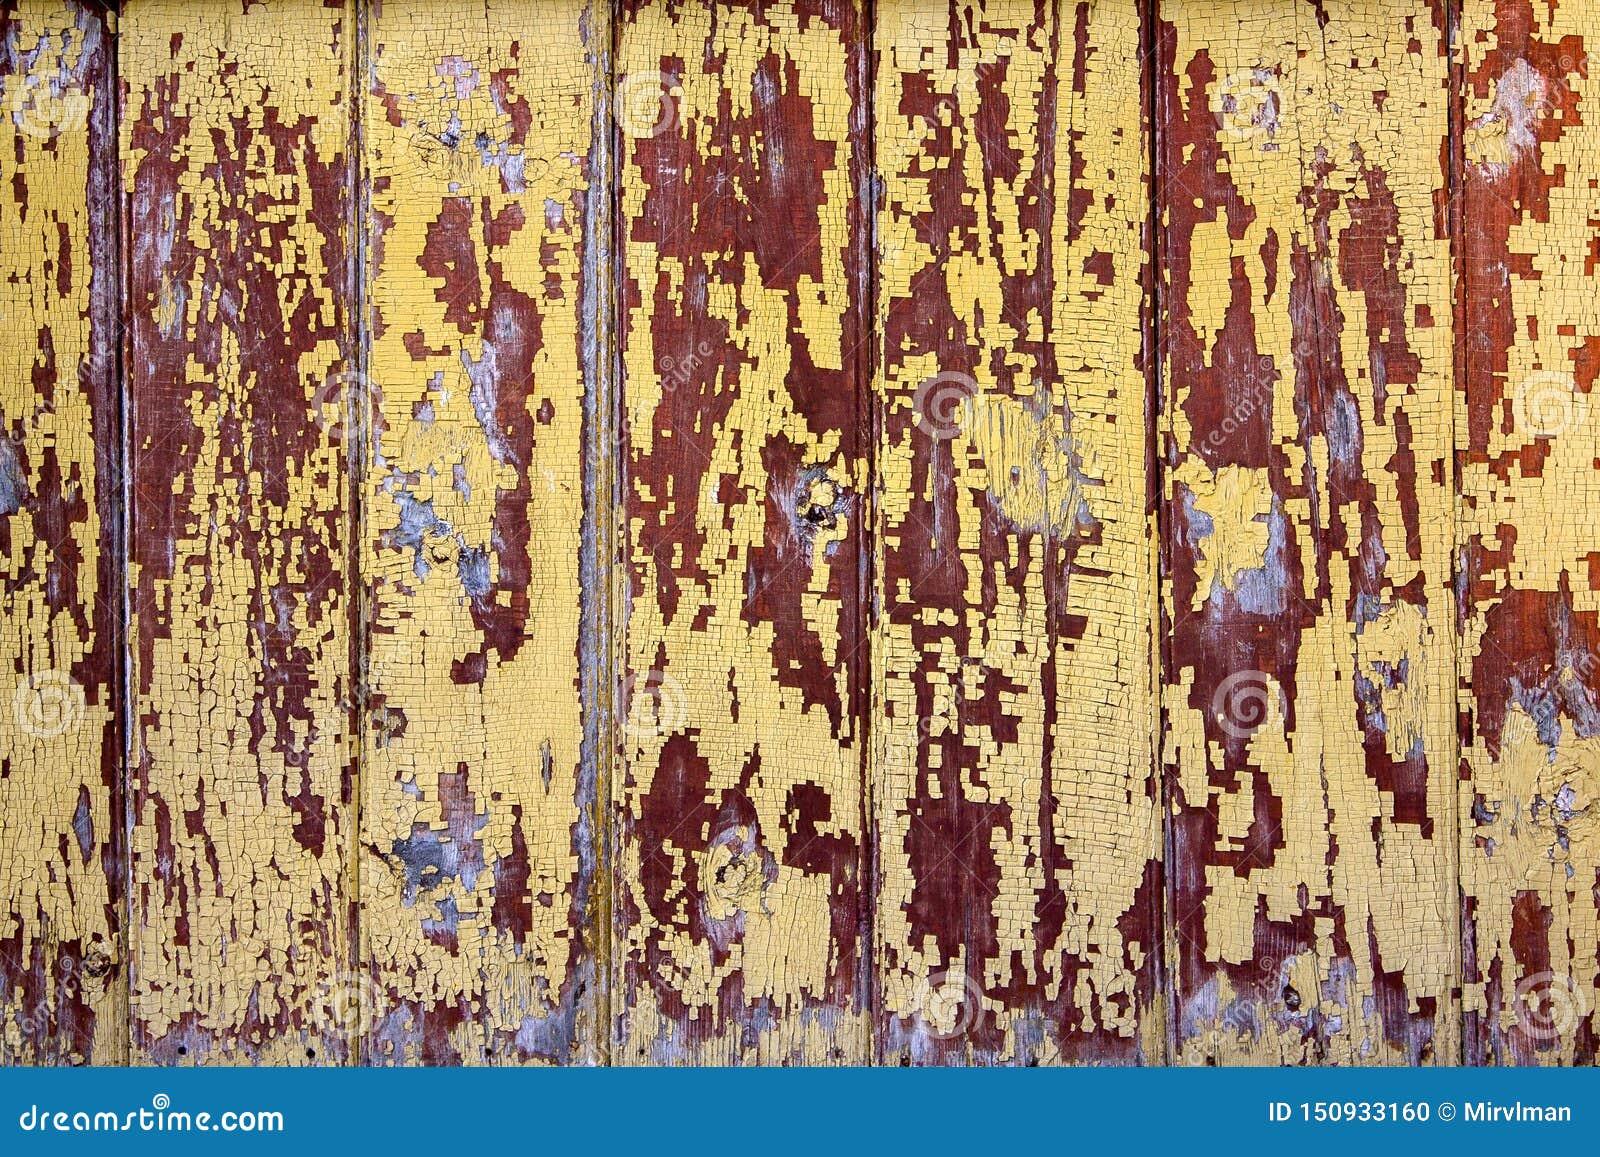 Планки и доски огорченные антиквариатом деревянные